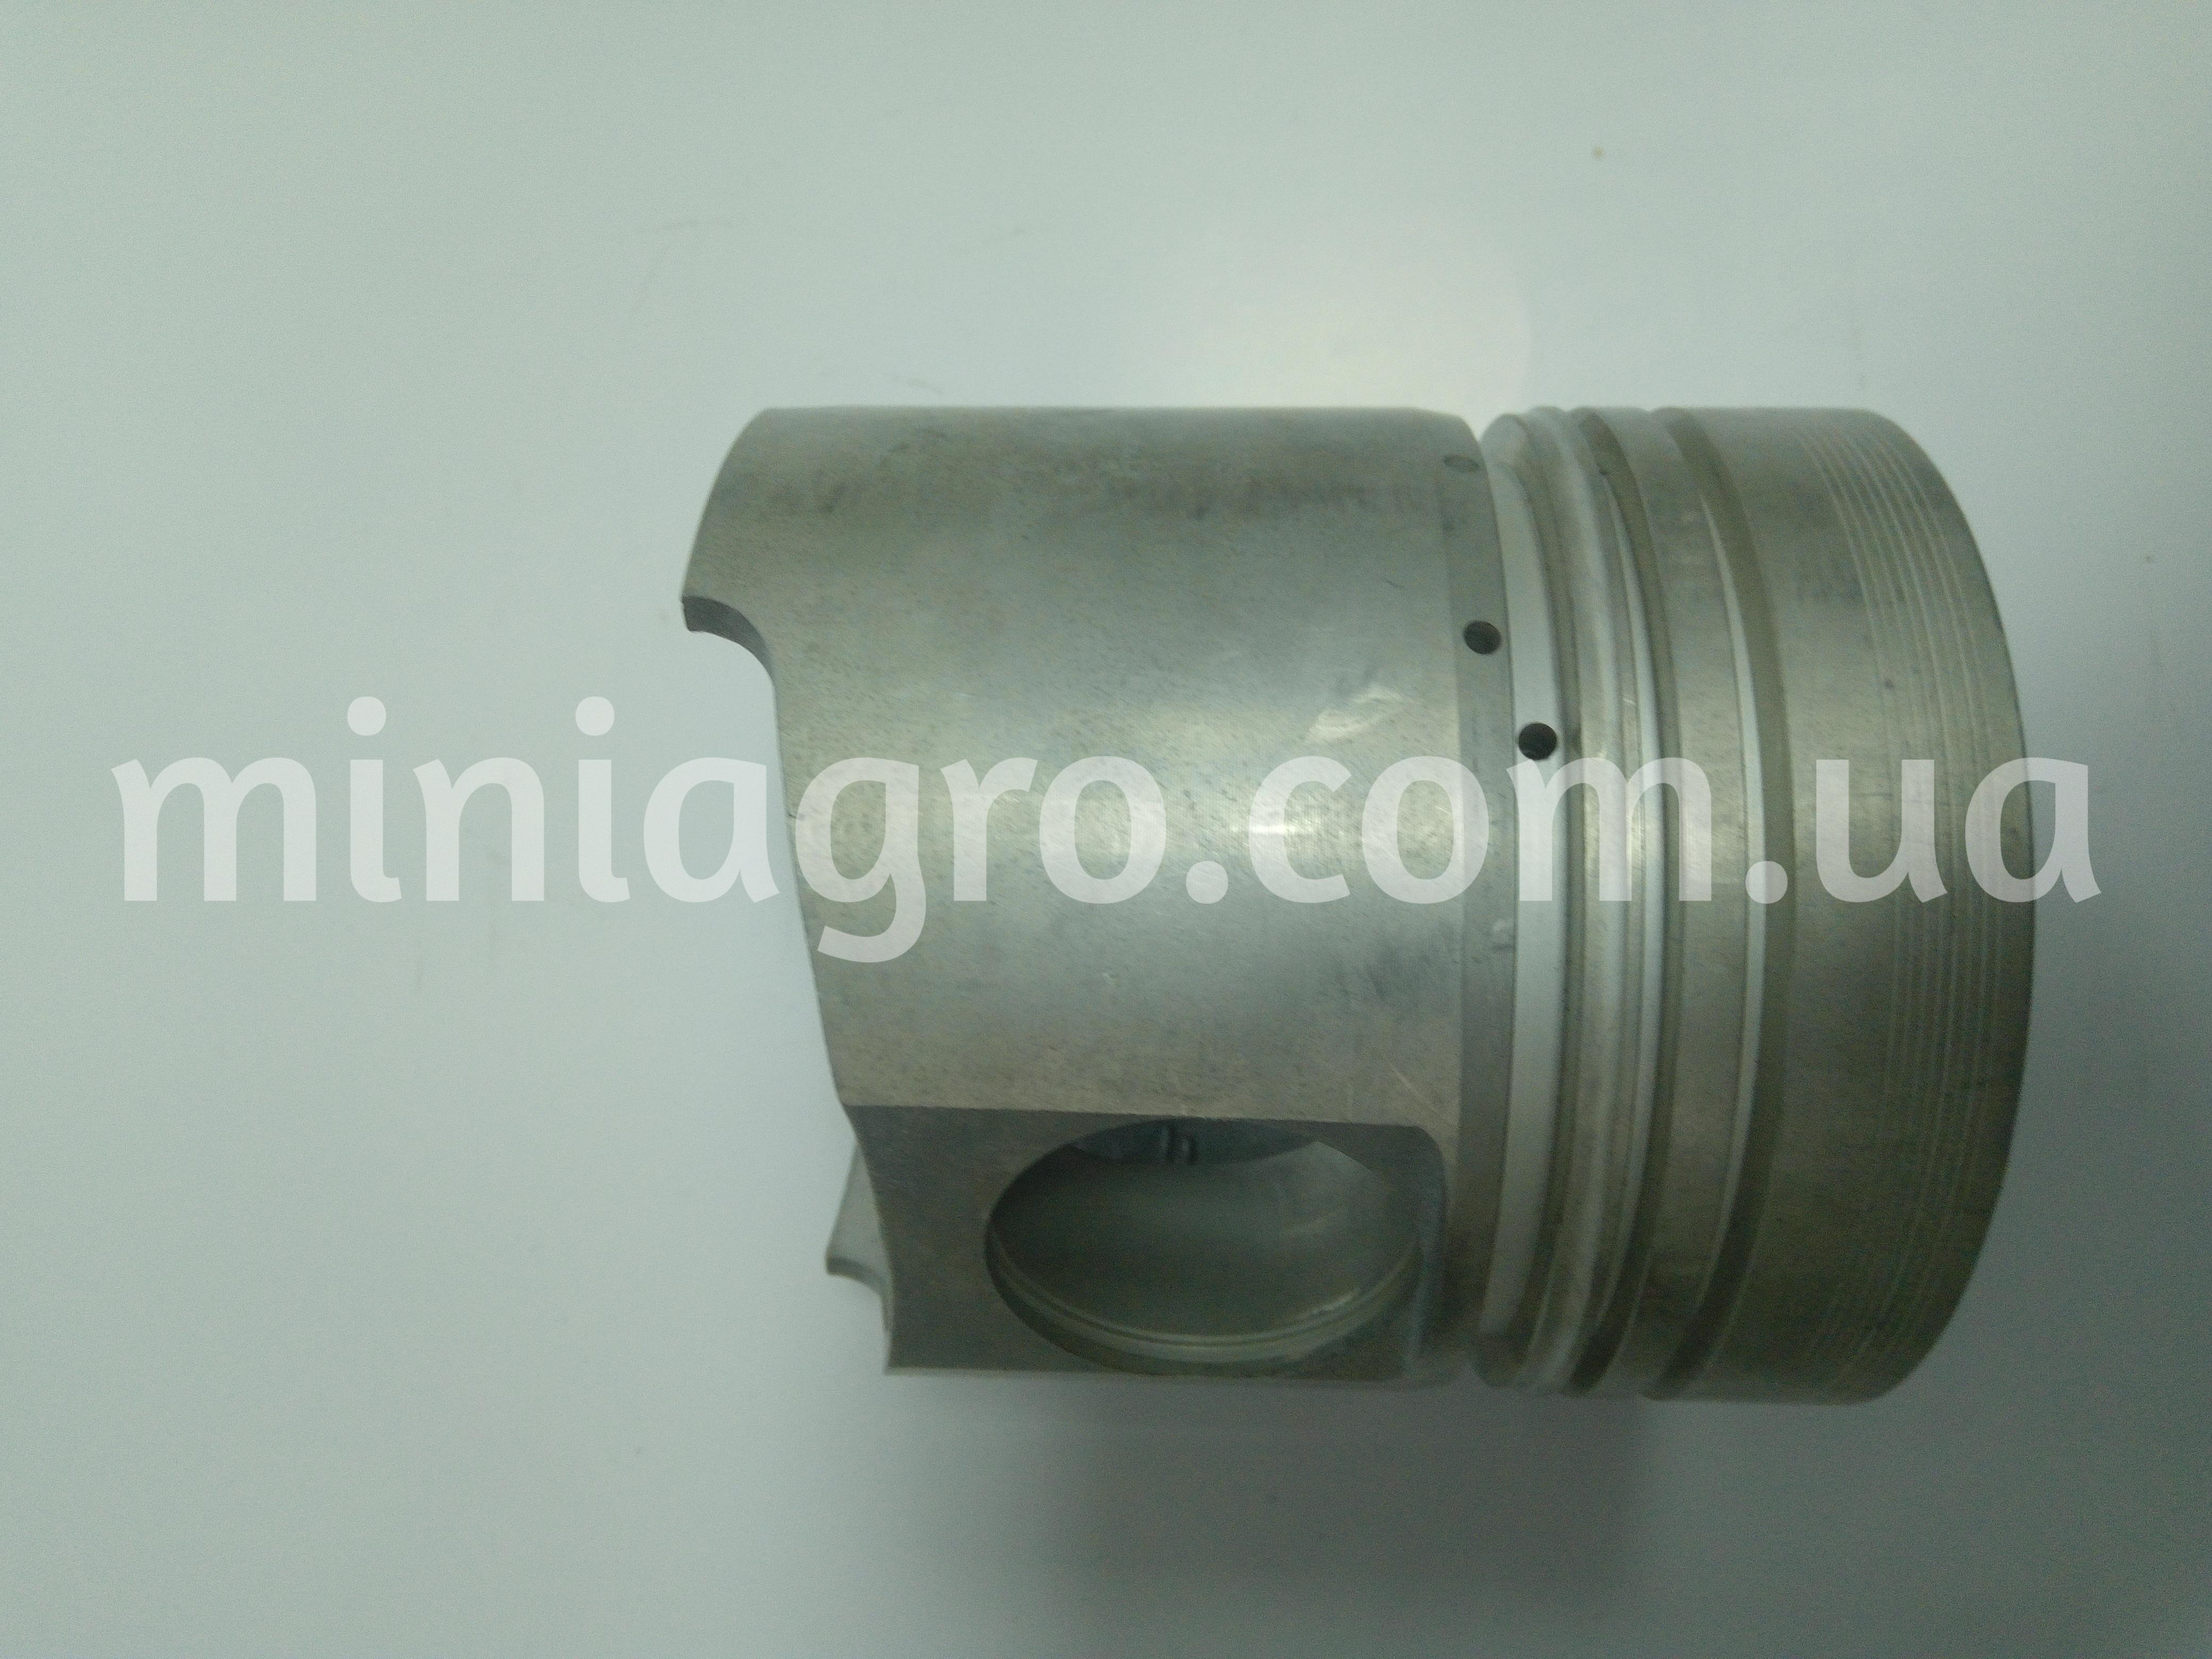 Поршень для двигателей TY395/TY295 (такой же) DF 354